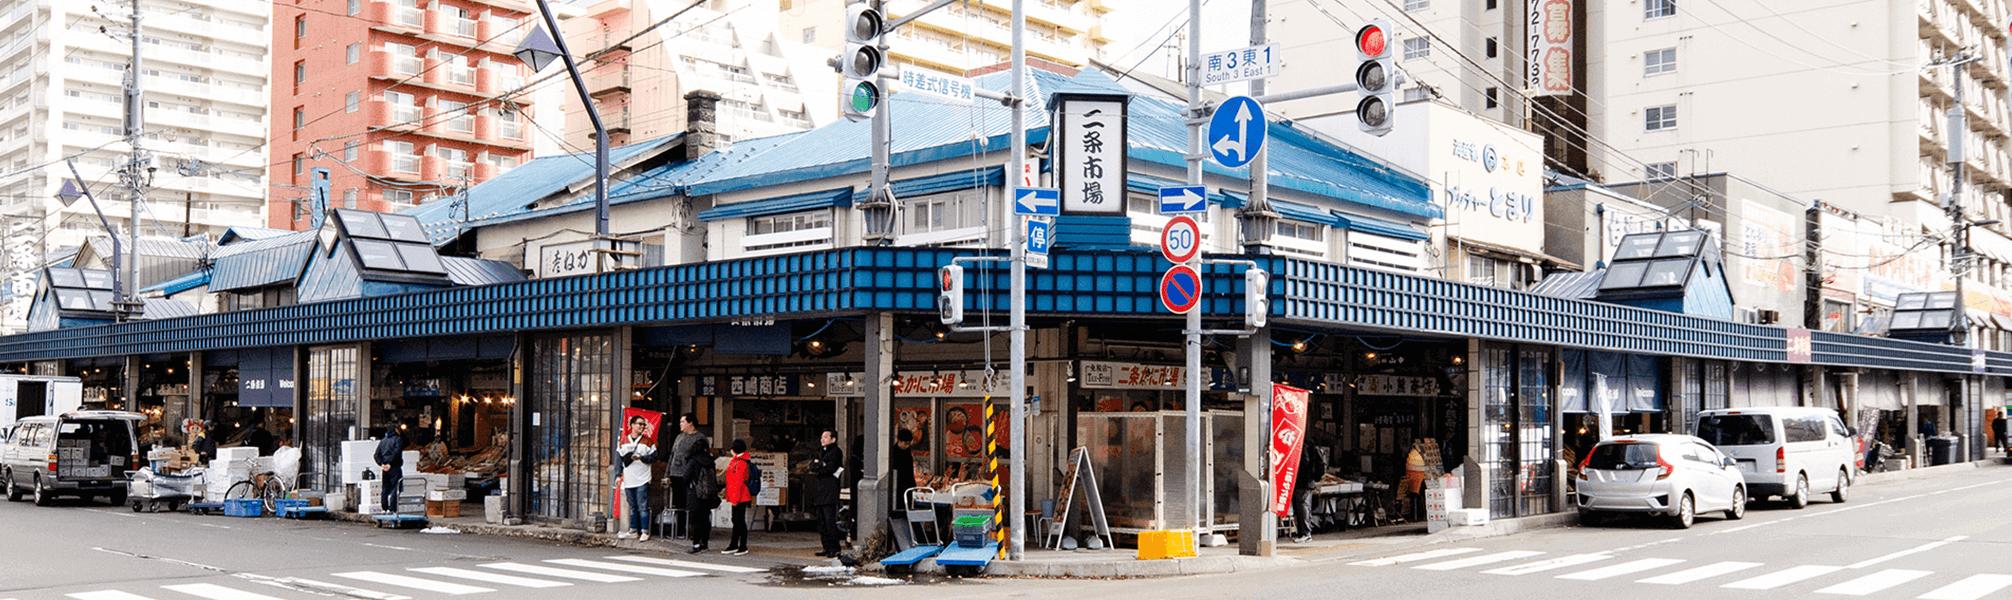 二条市場店